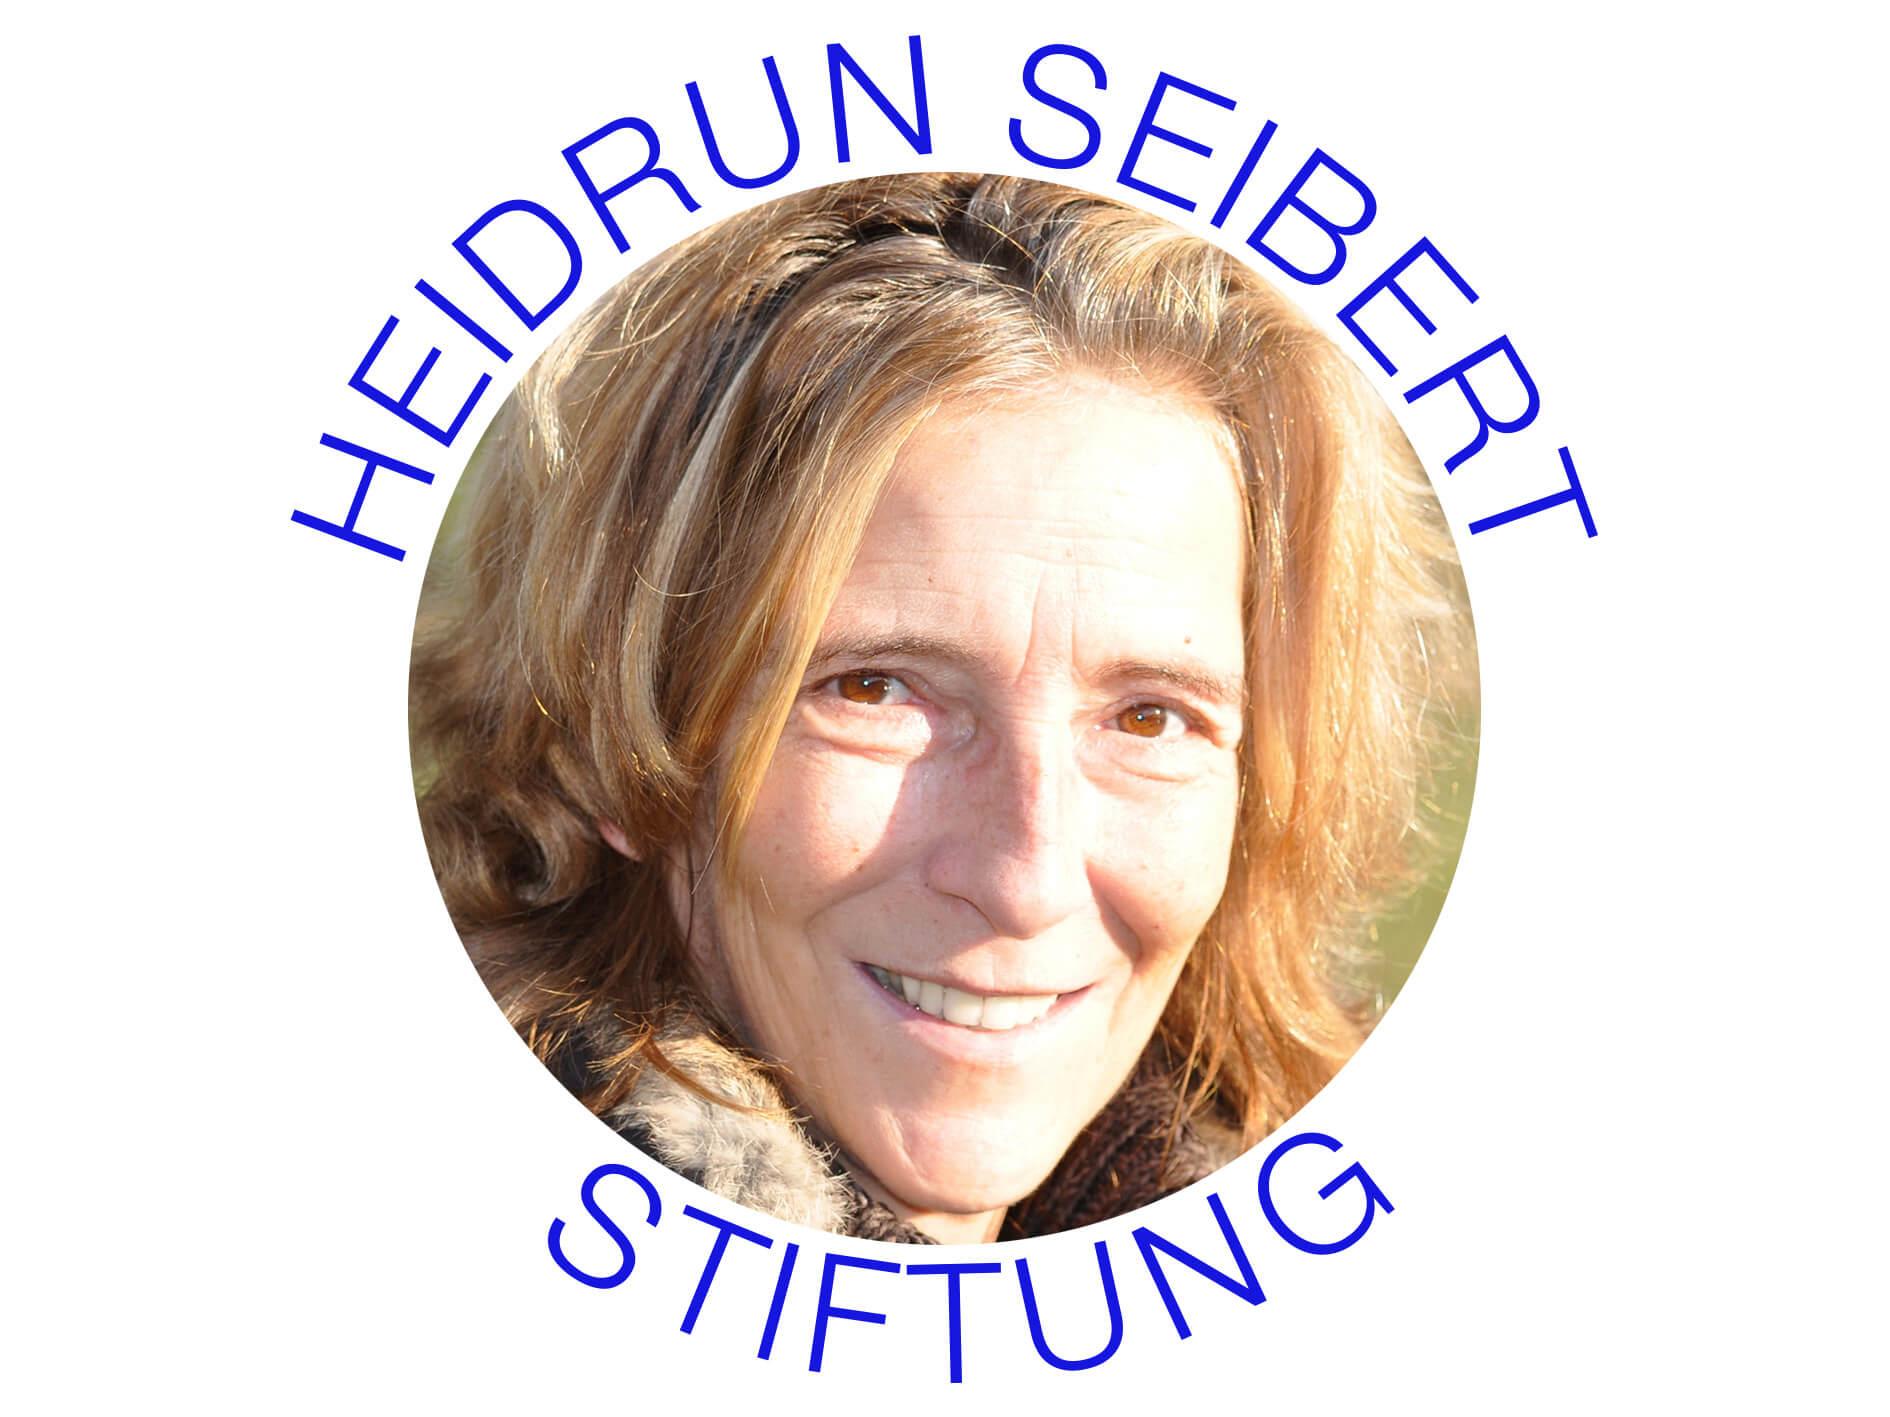 Heidrun Seibert Stiftung